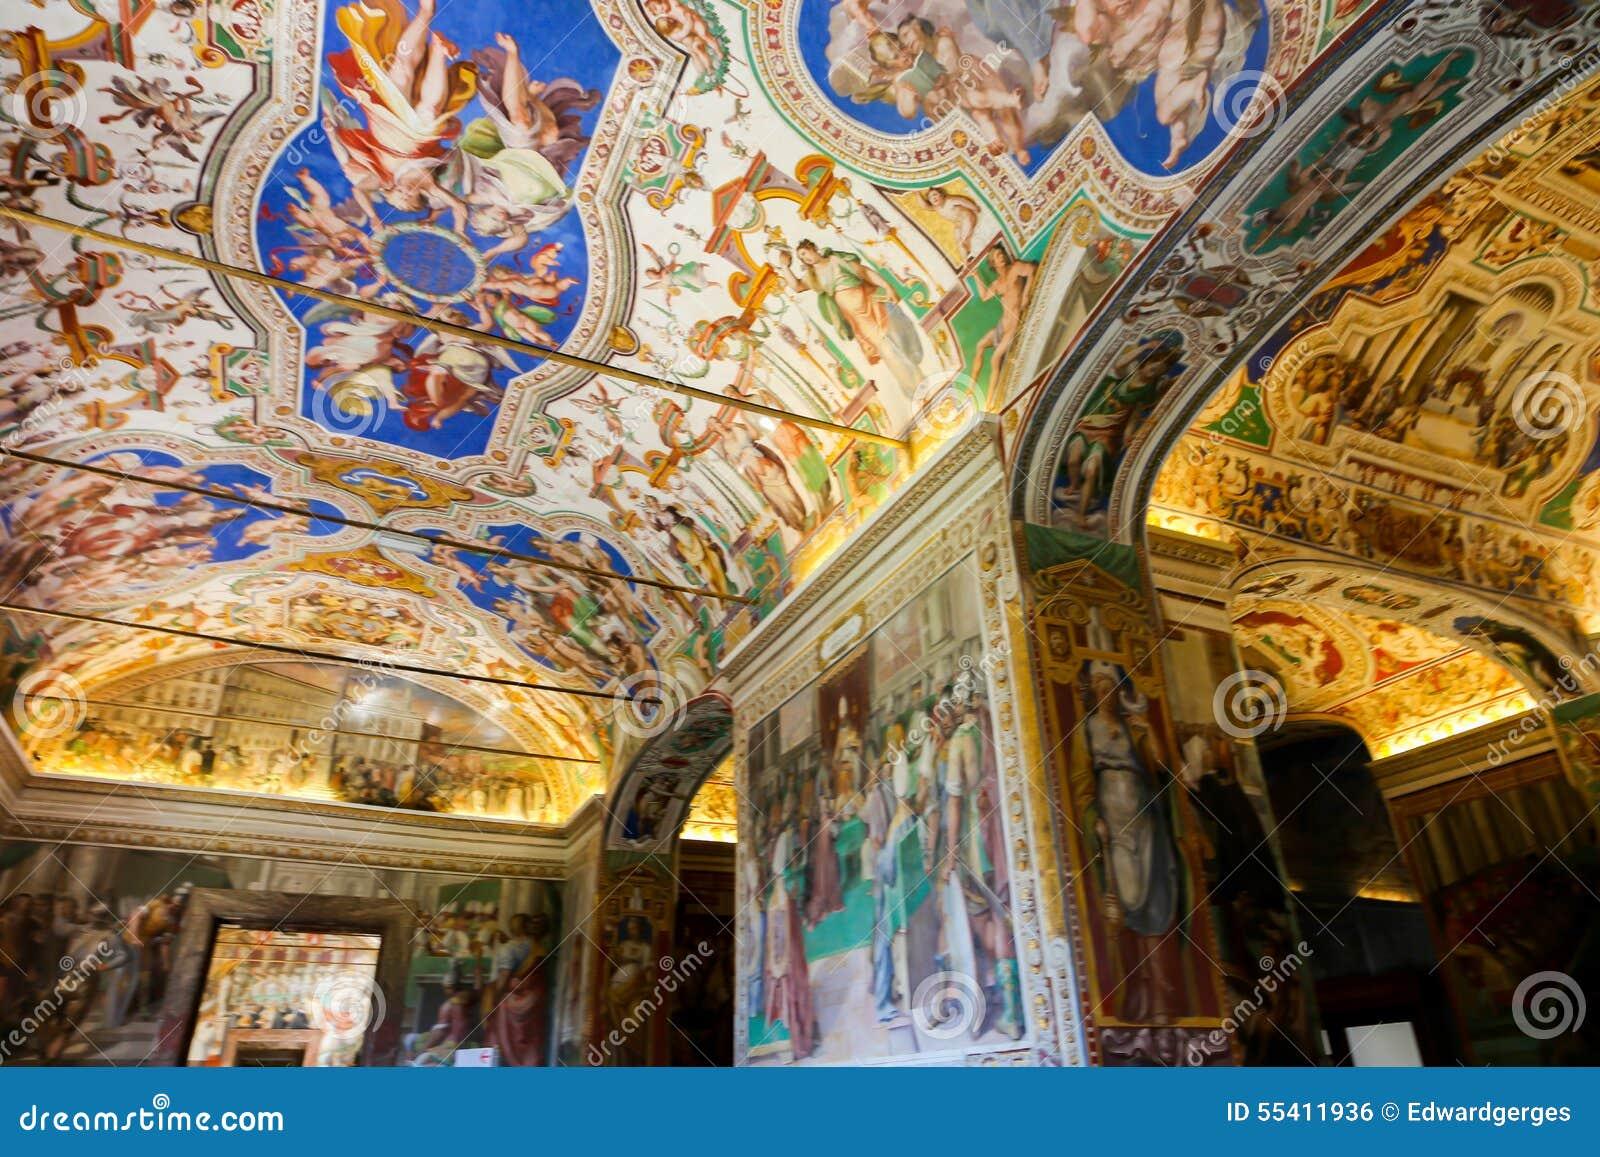 Παρεκκλησι Sistine (Cappella Sistina) - Βατικανό, Ρώμη - Ιταλία